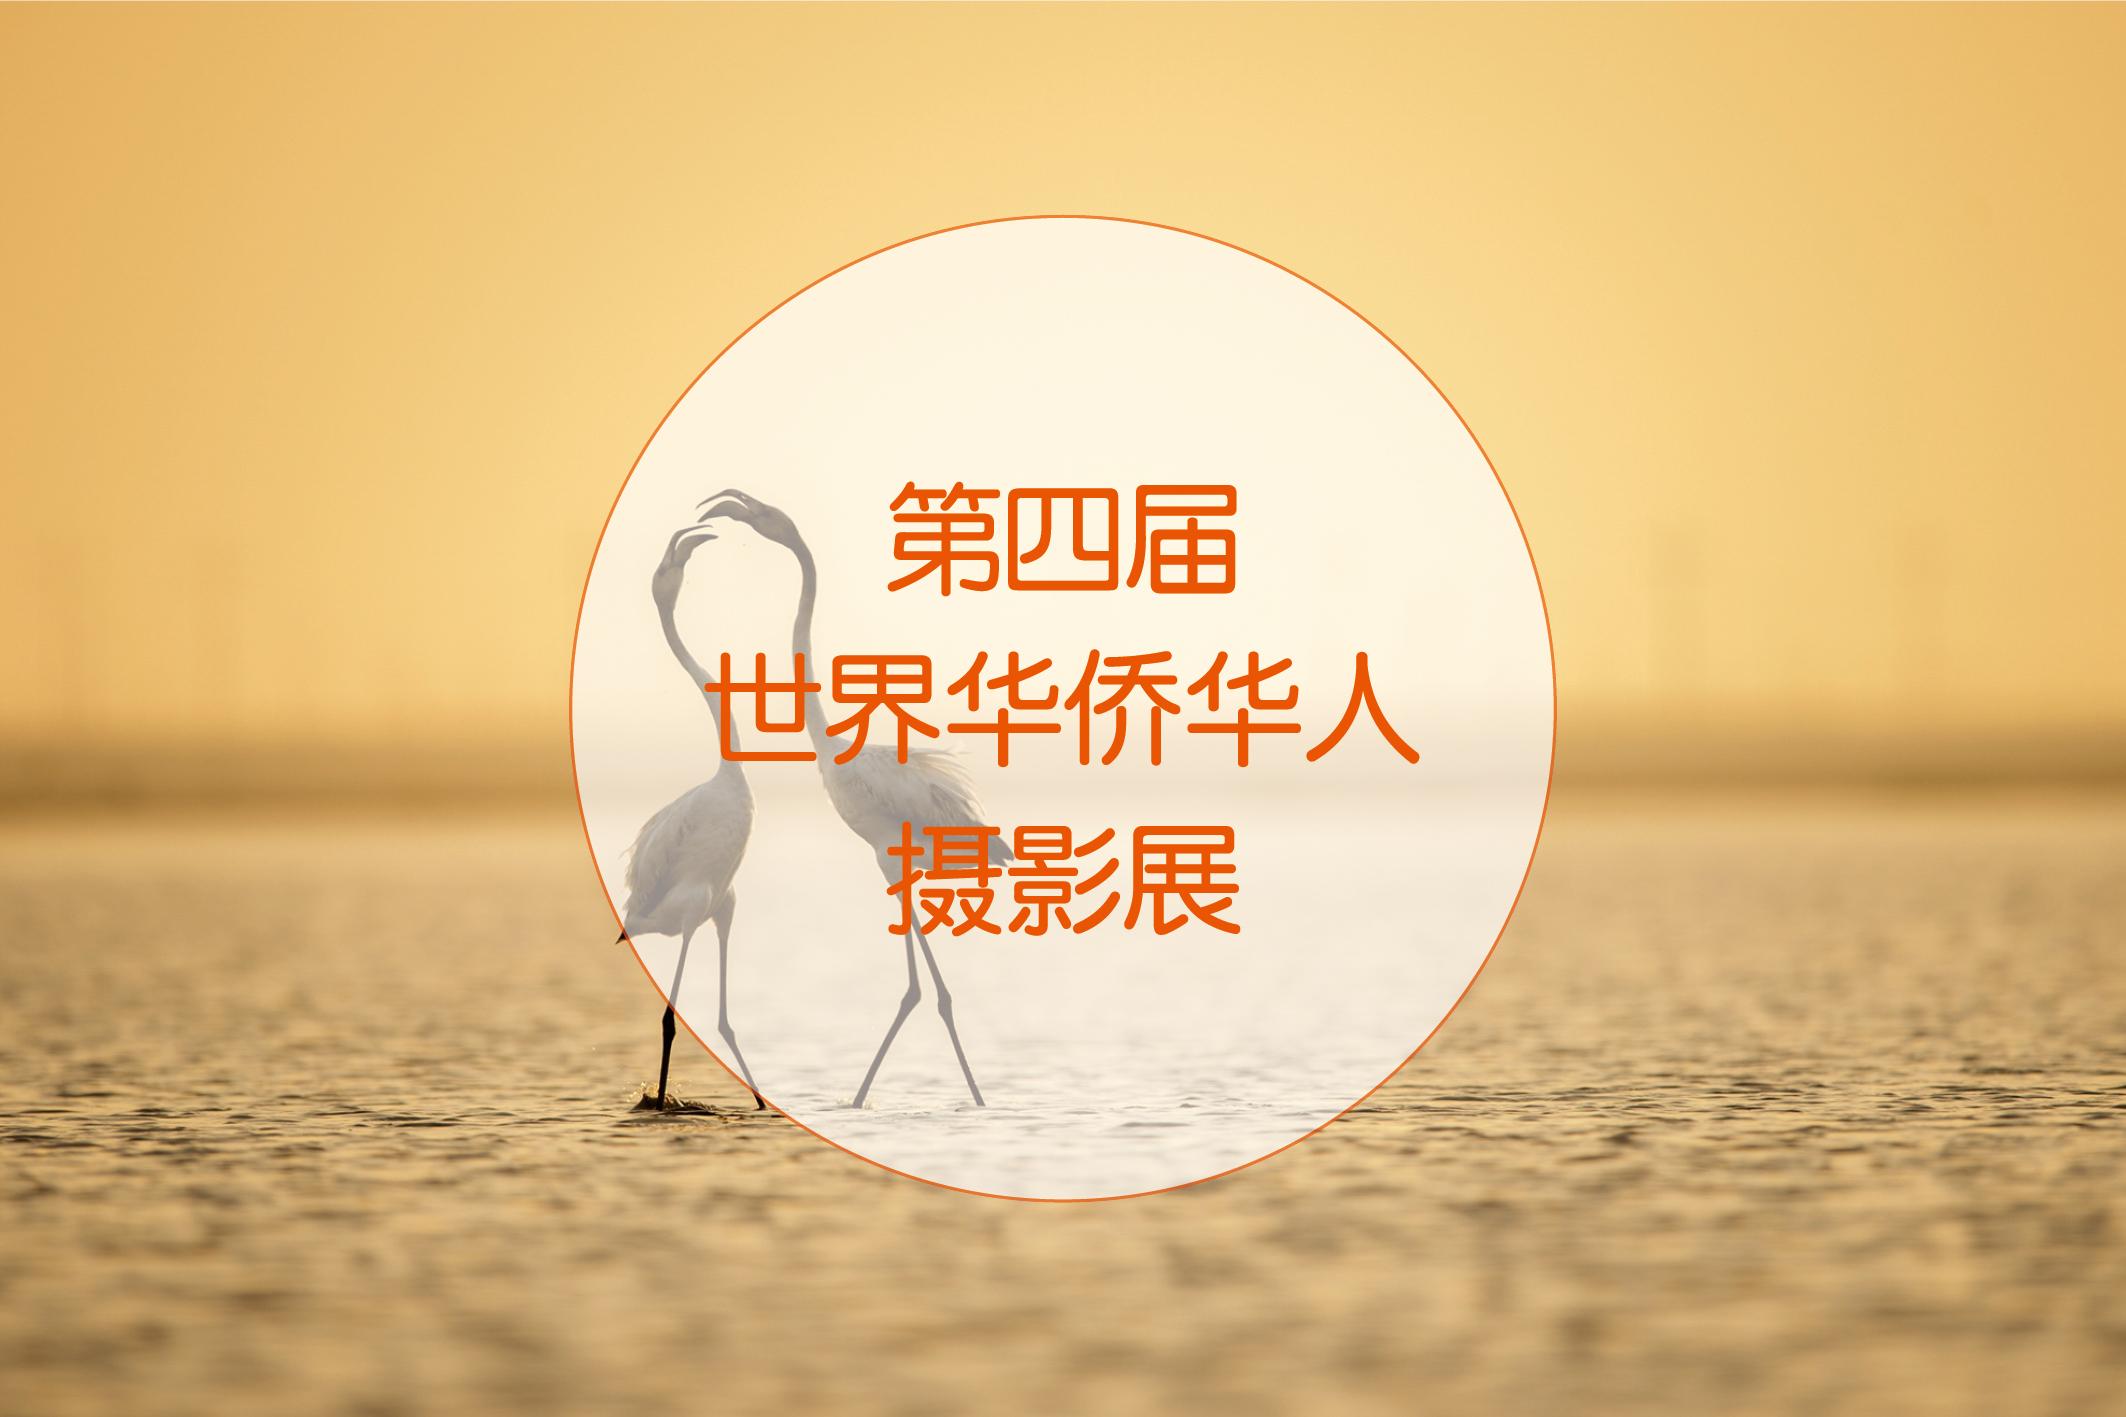 如何在华人摄影网提交《第四届世界华侨华人摄影展》参赛作品